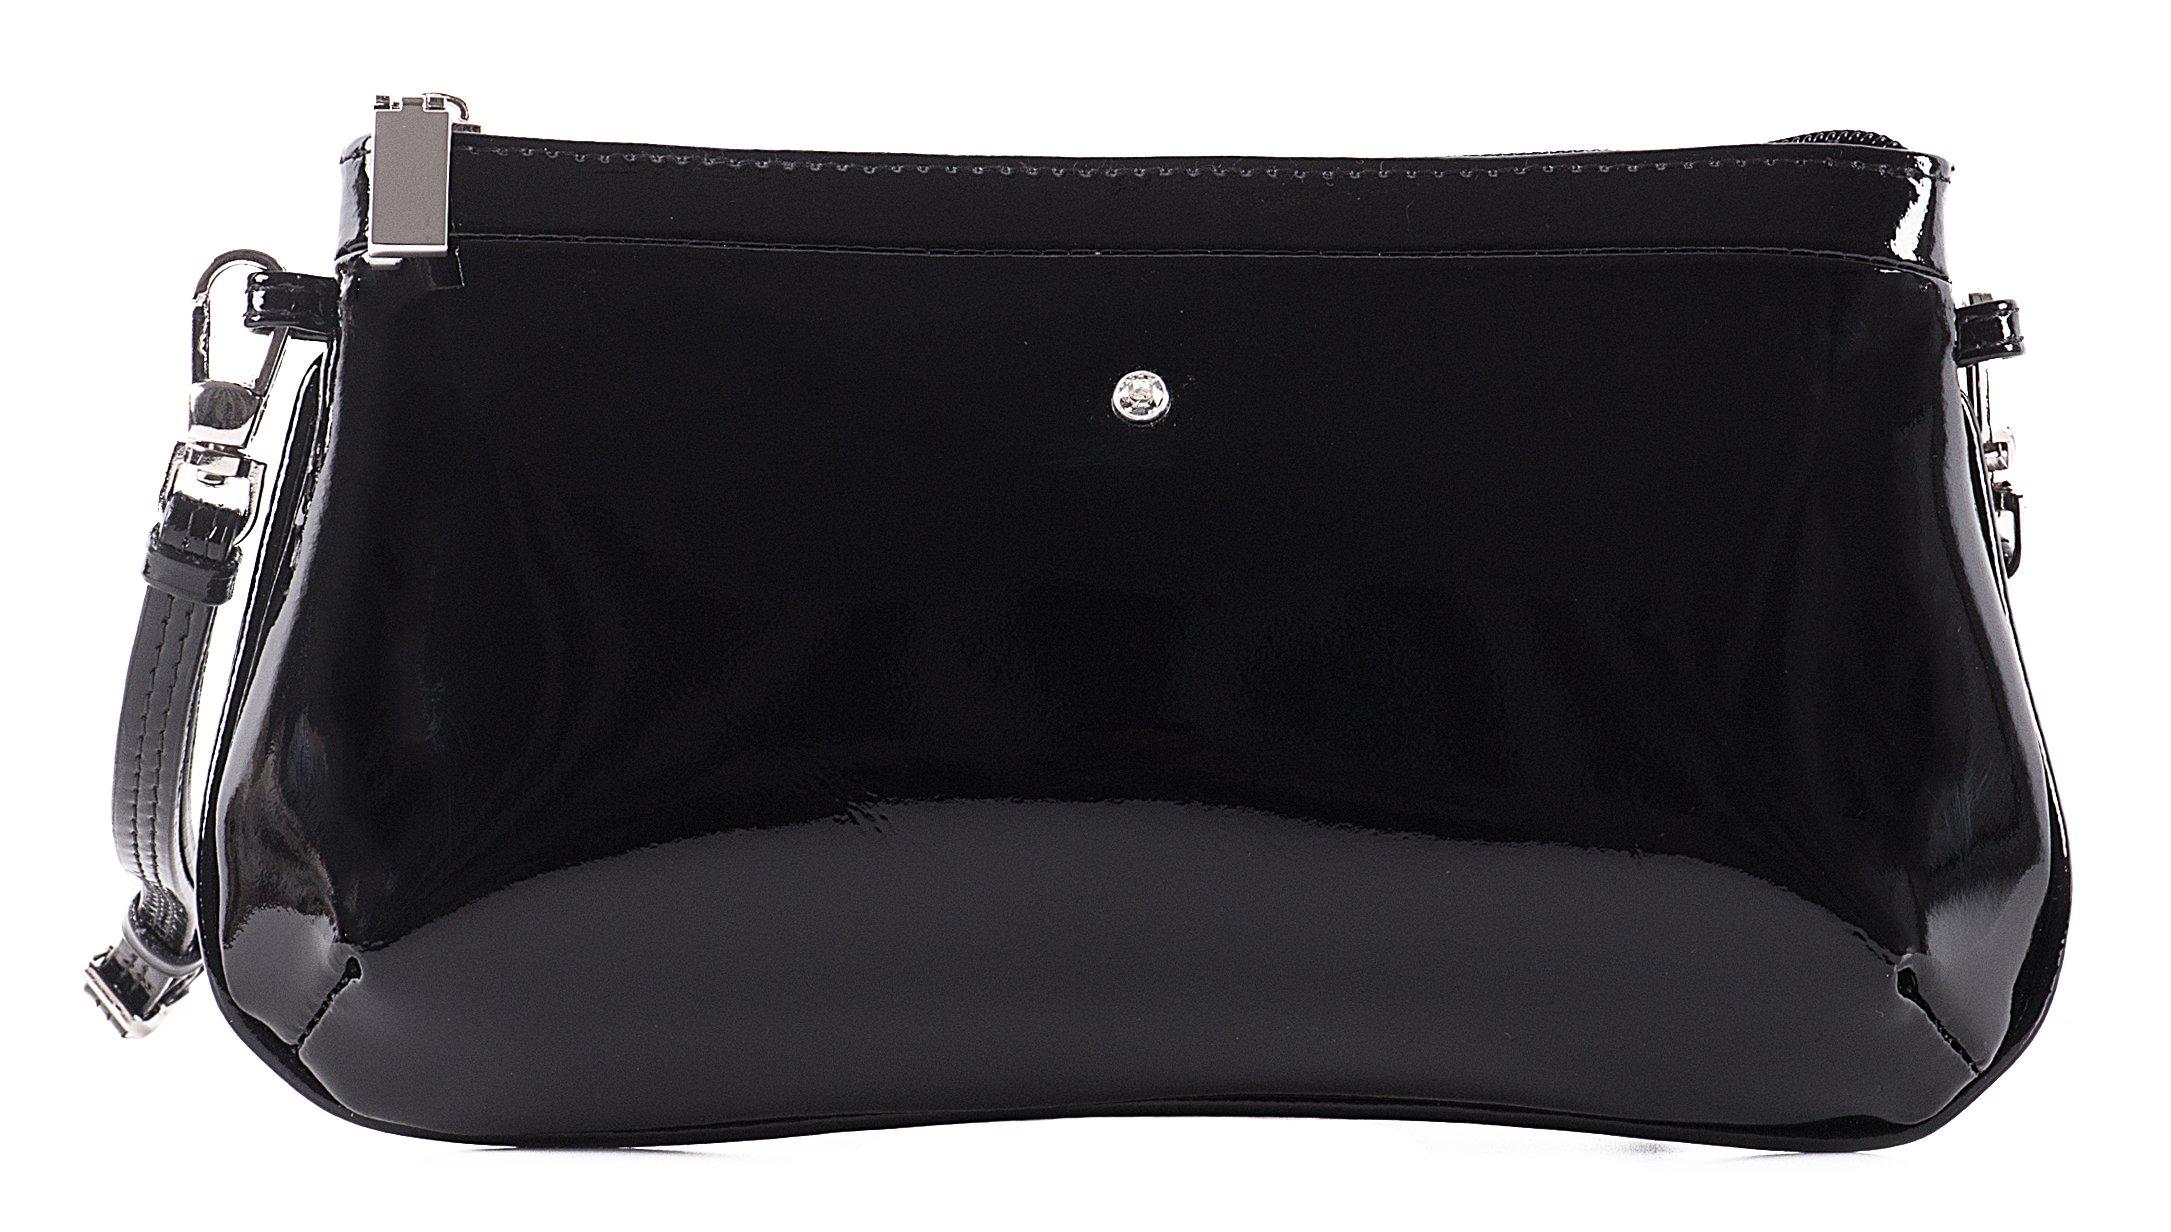 Malá lakovaná kožená kabelka spoločenská crossbody Wojewodzic čierna  3GD45 PL01 c061e0ac33f